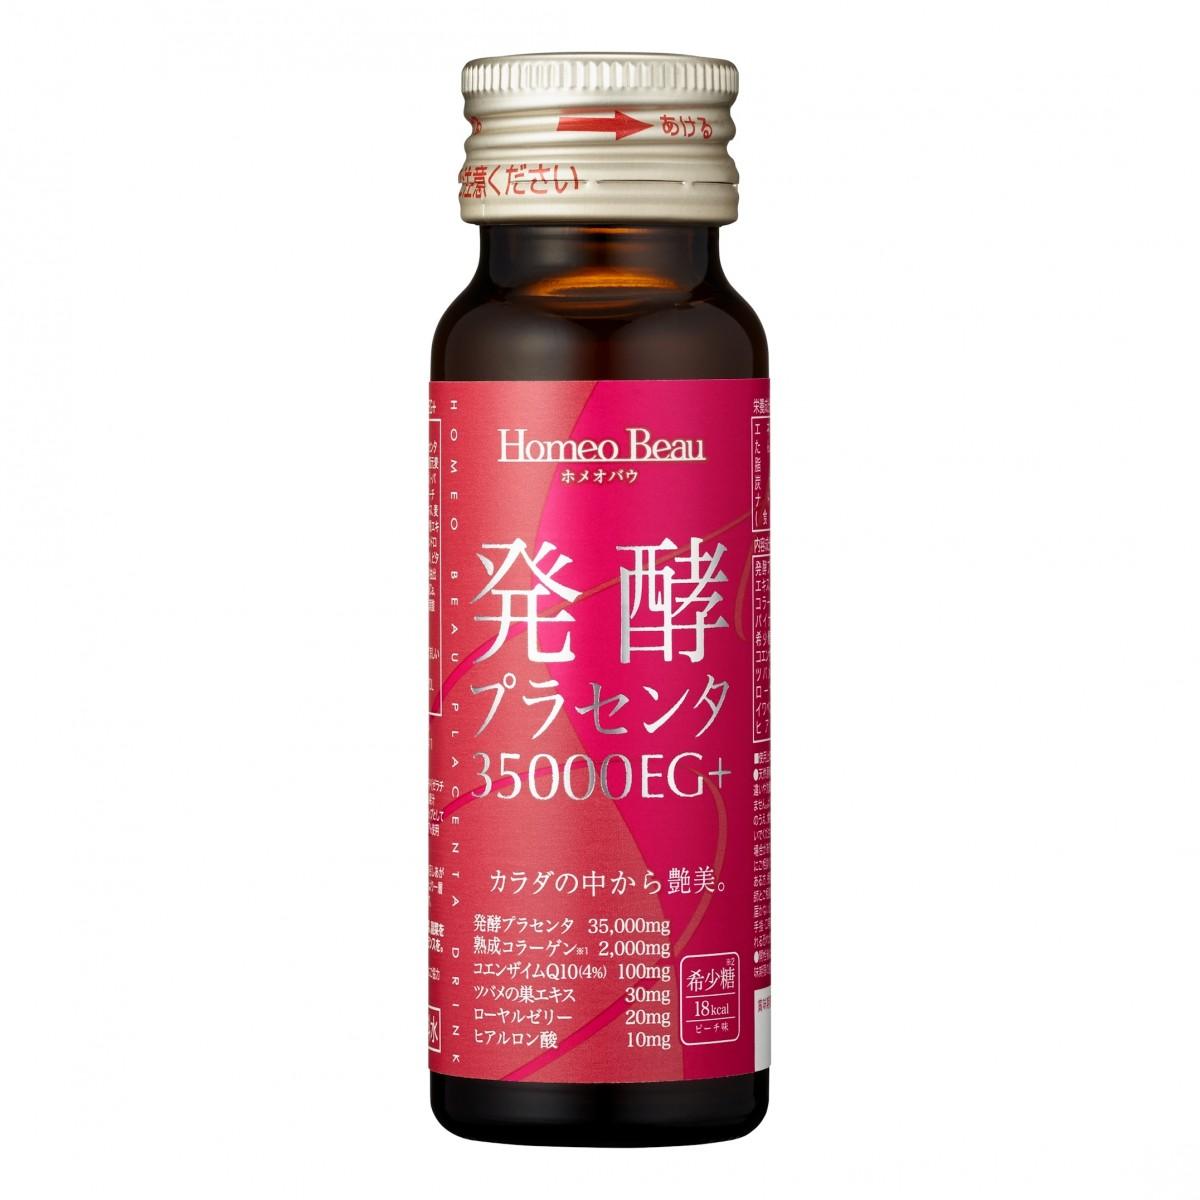 【販売終了】発酵プラセンタ35000EG+